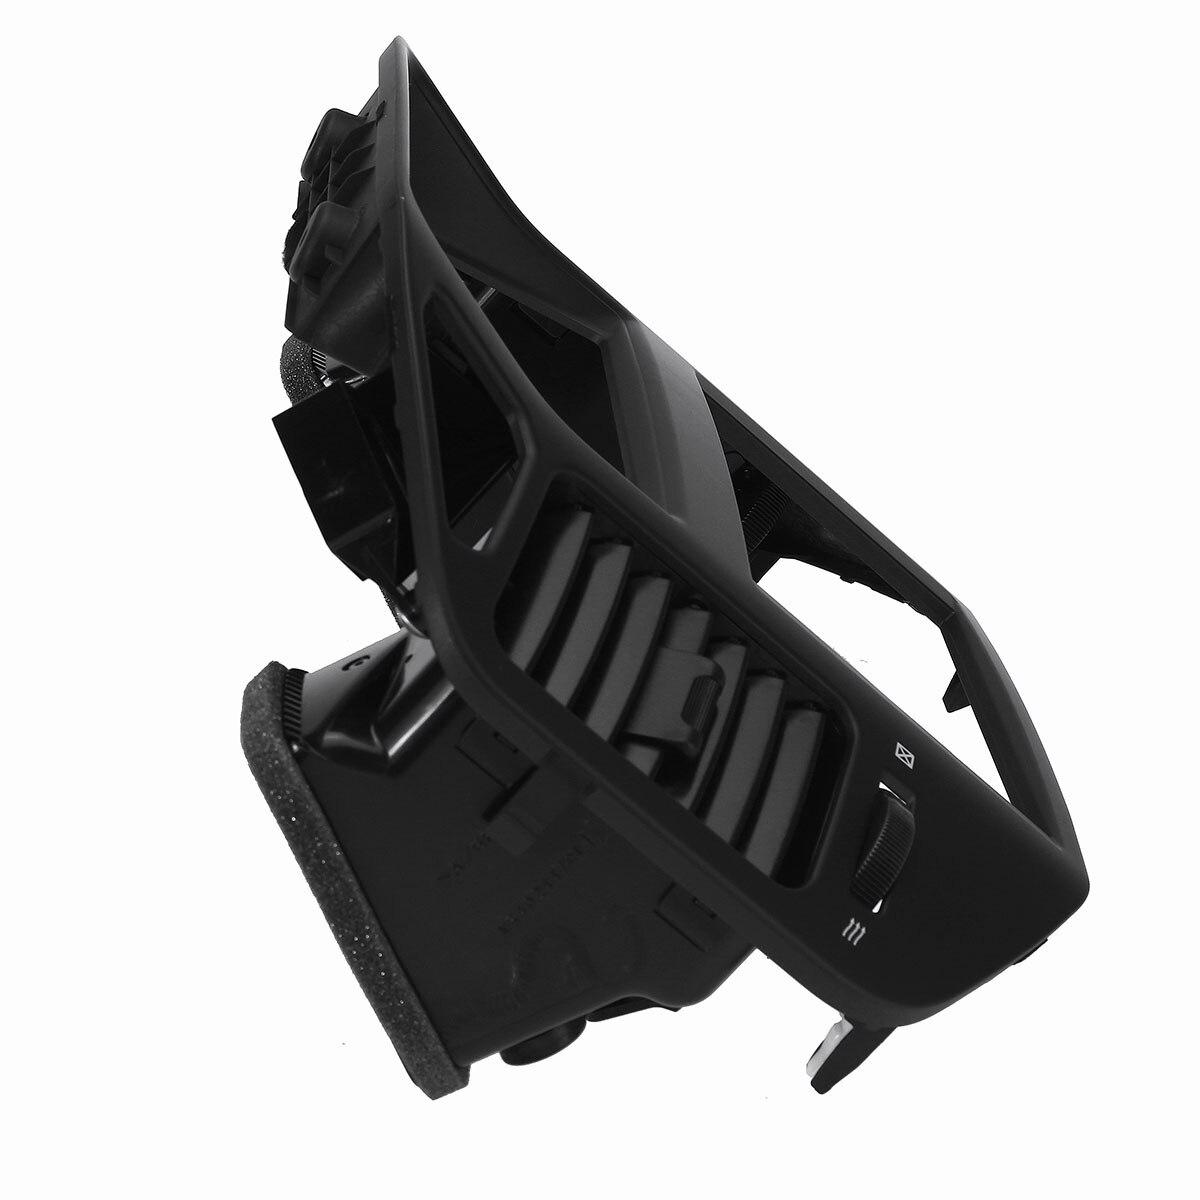 Новинка, 1 шт., Черная передняя панель, вентиляционное отверстие, Выходная панель для Mitsubishi Pajero Montero Shogun MK3 2001 2006 - 5